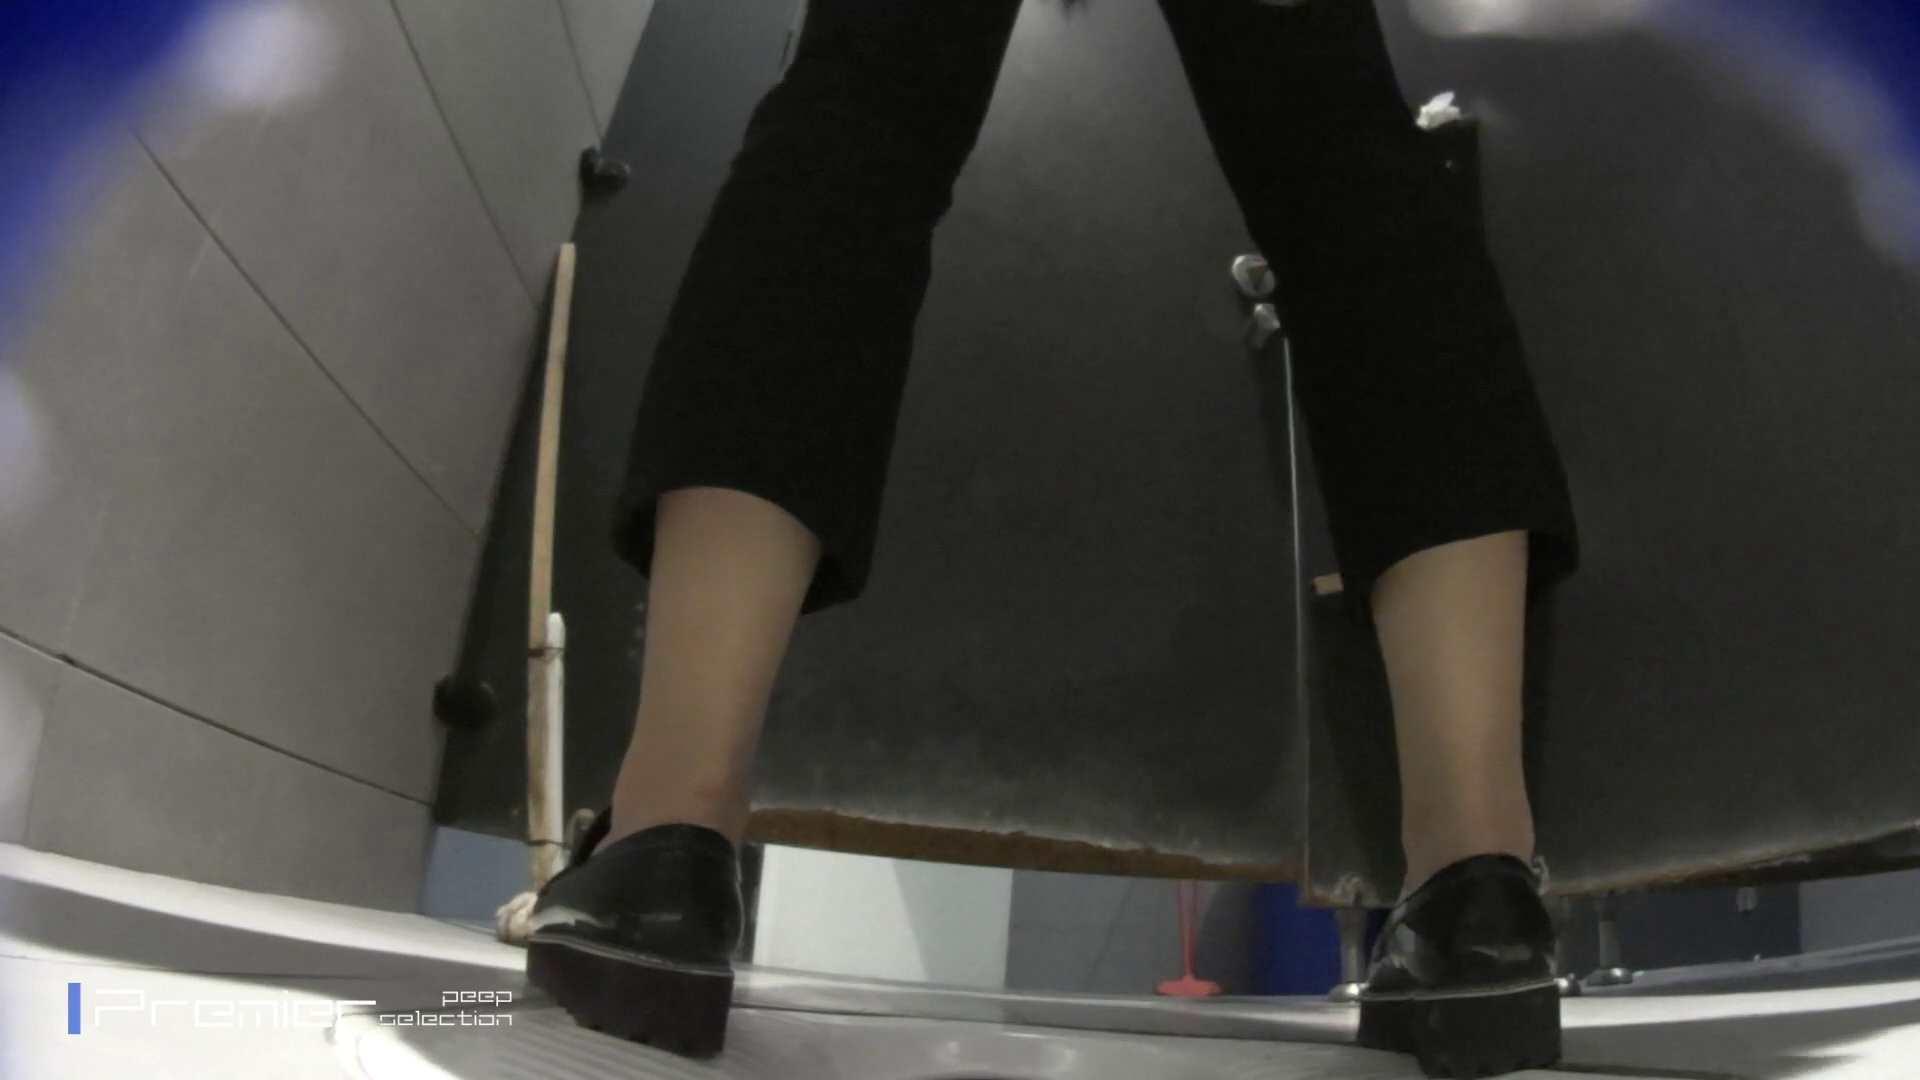 トイレットペーパーを握りしめ個室に入る乙女 大学休憩時間の洗面所事情83 綺麗なお姉さん 盗撮動画紹介 98pic 4